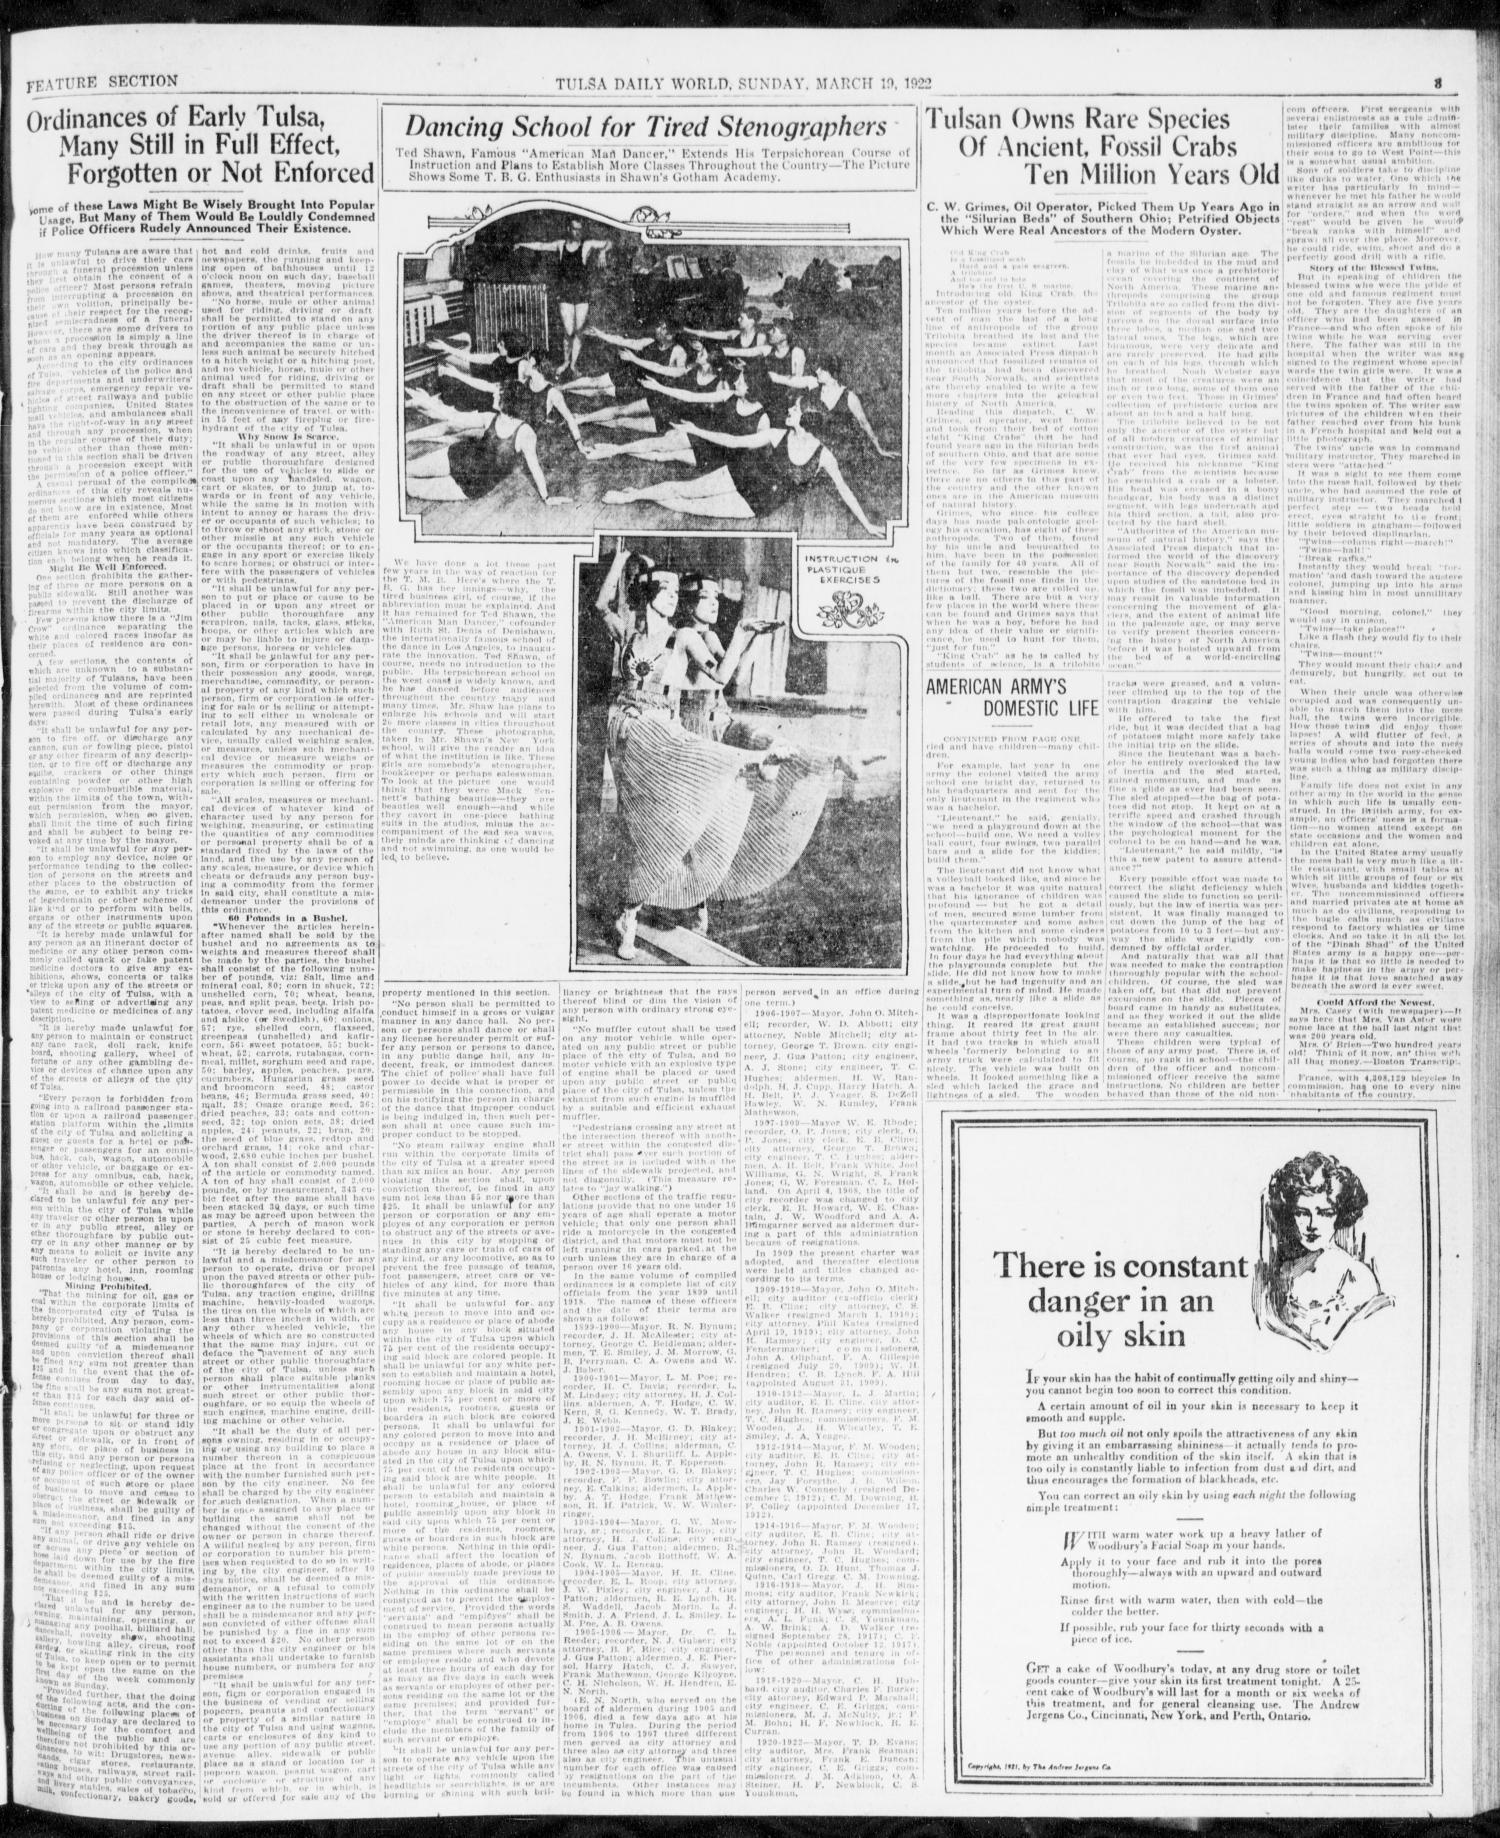 The Sunday Tulsa Daily World (Tulsa, Okla ), Vol  16, No